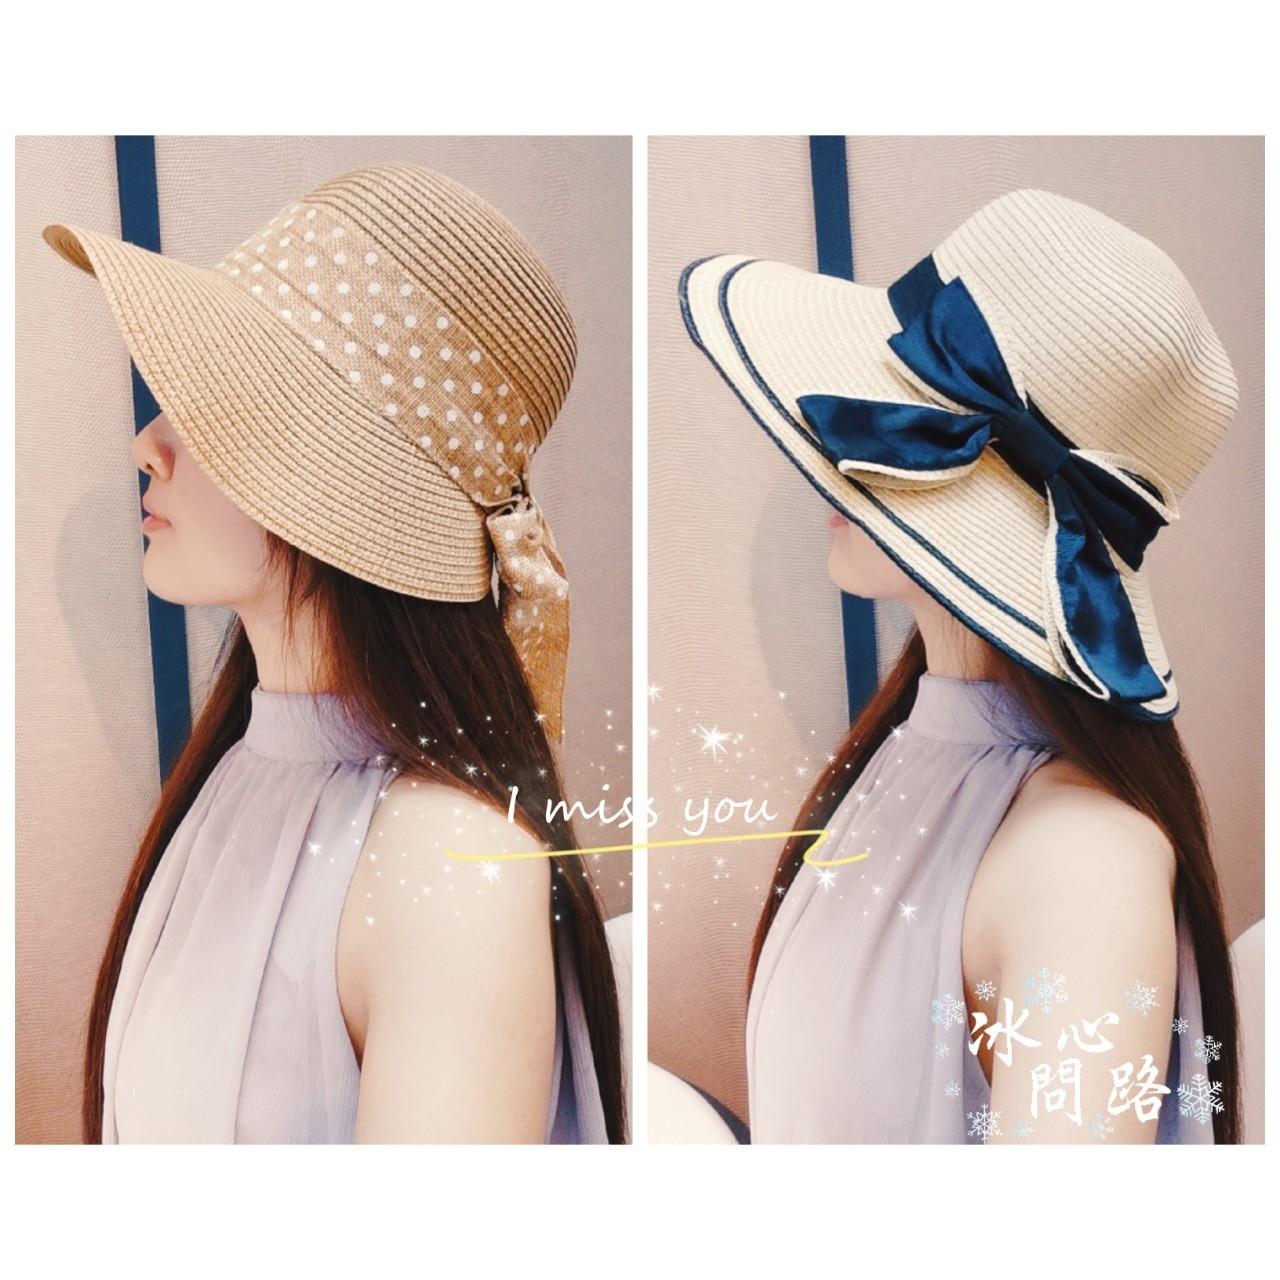 花蓮綜合市場100元的帽子_200820.jpg